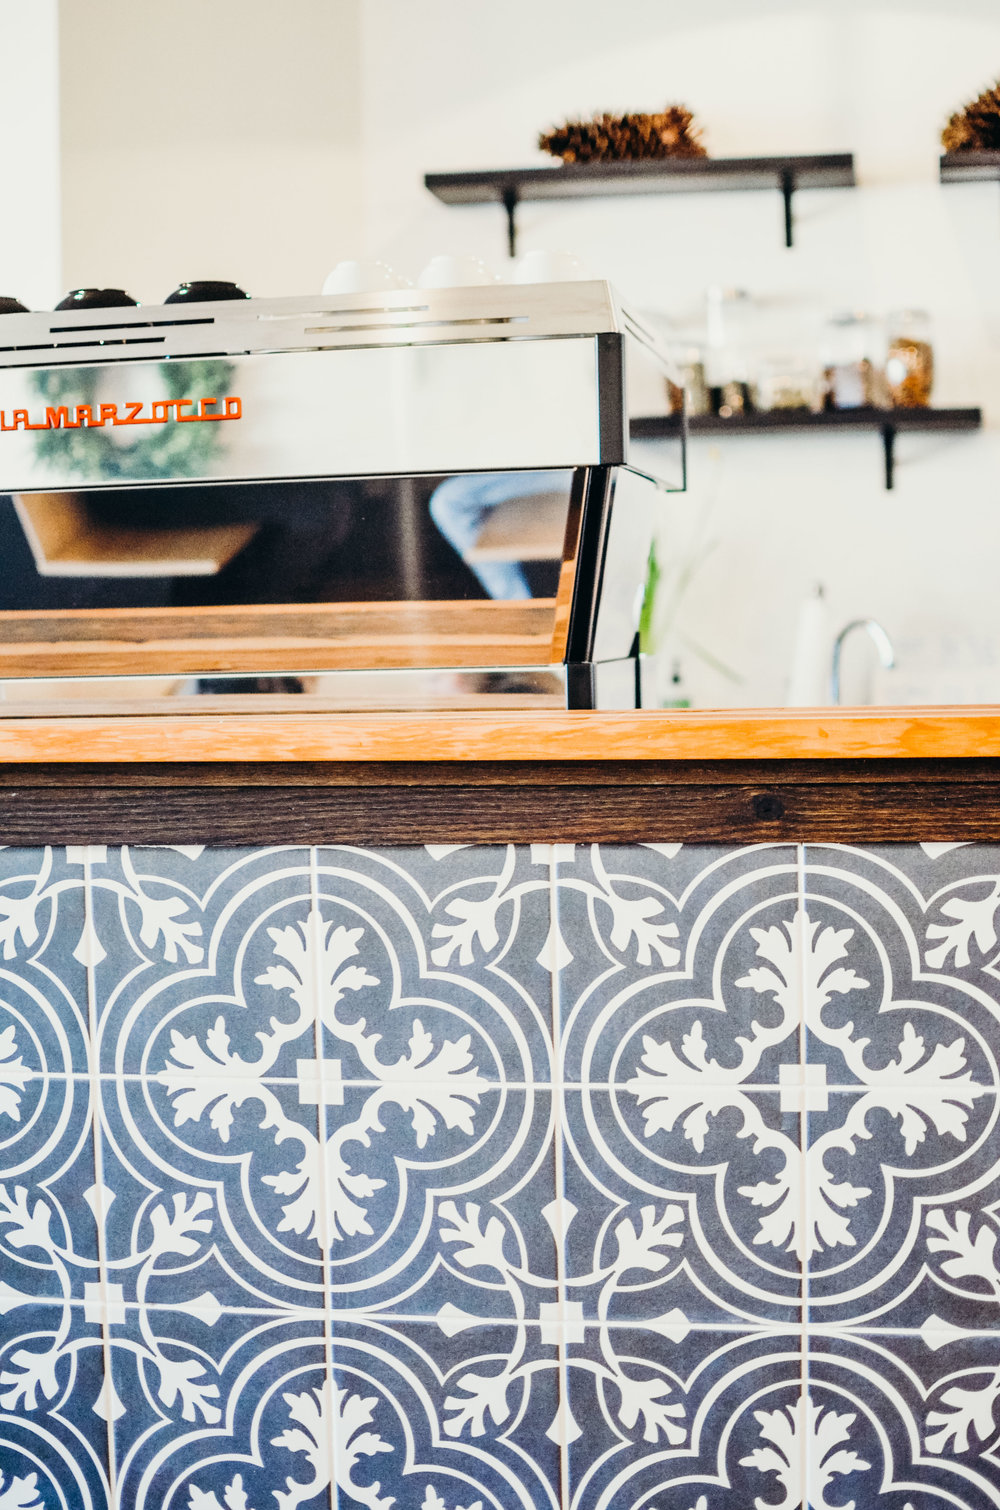 Wendling_Boyd_Drip_Coffee_Holland_Michigan_Coffee_Culture-12.jpg